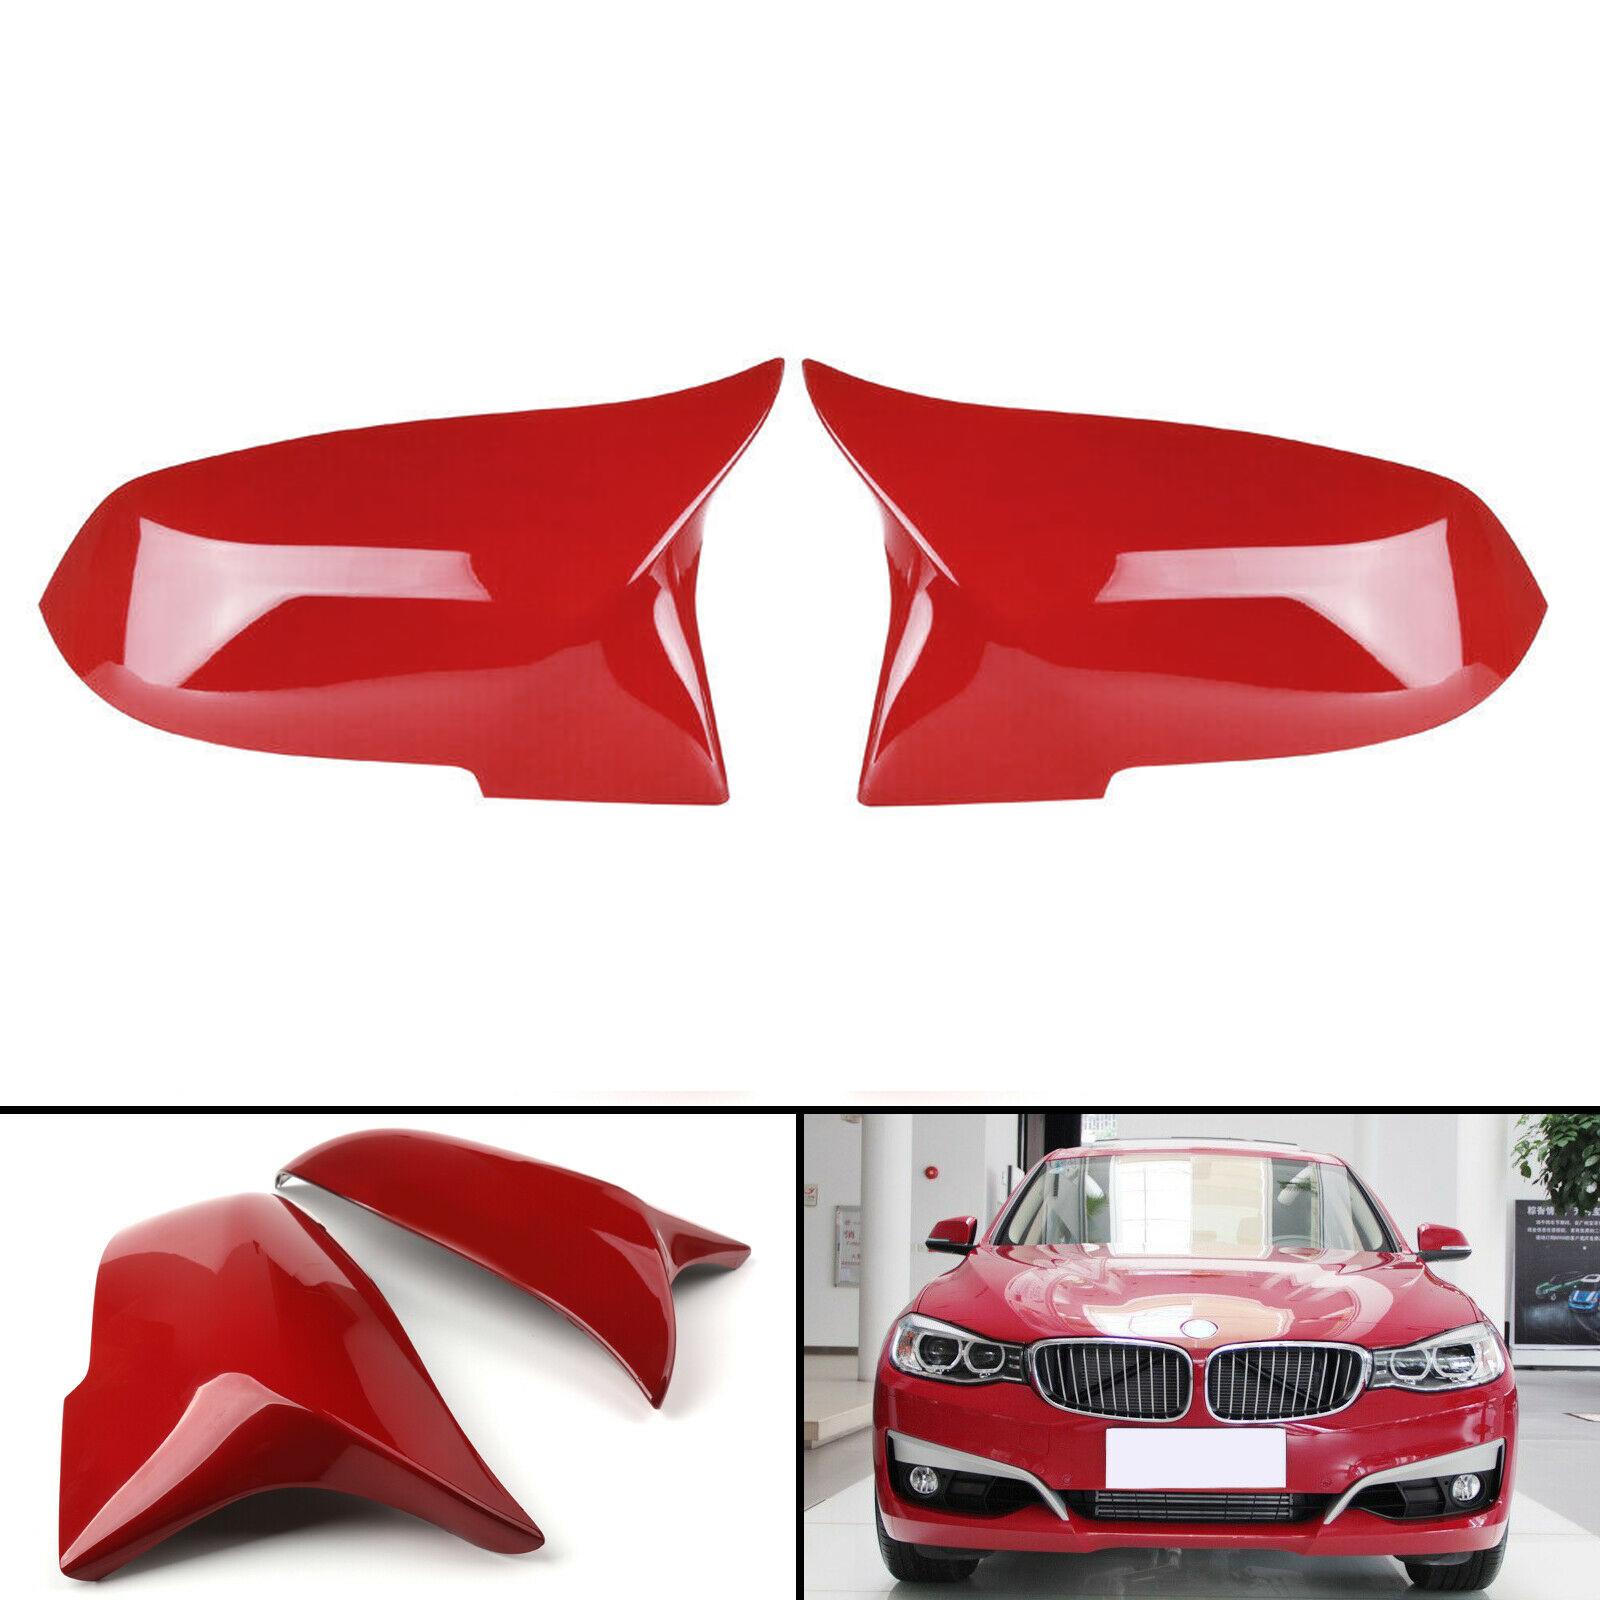 BMW後視鏡蓋適用2012-2018 F30 F31 Sedan紅-極限超快感